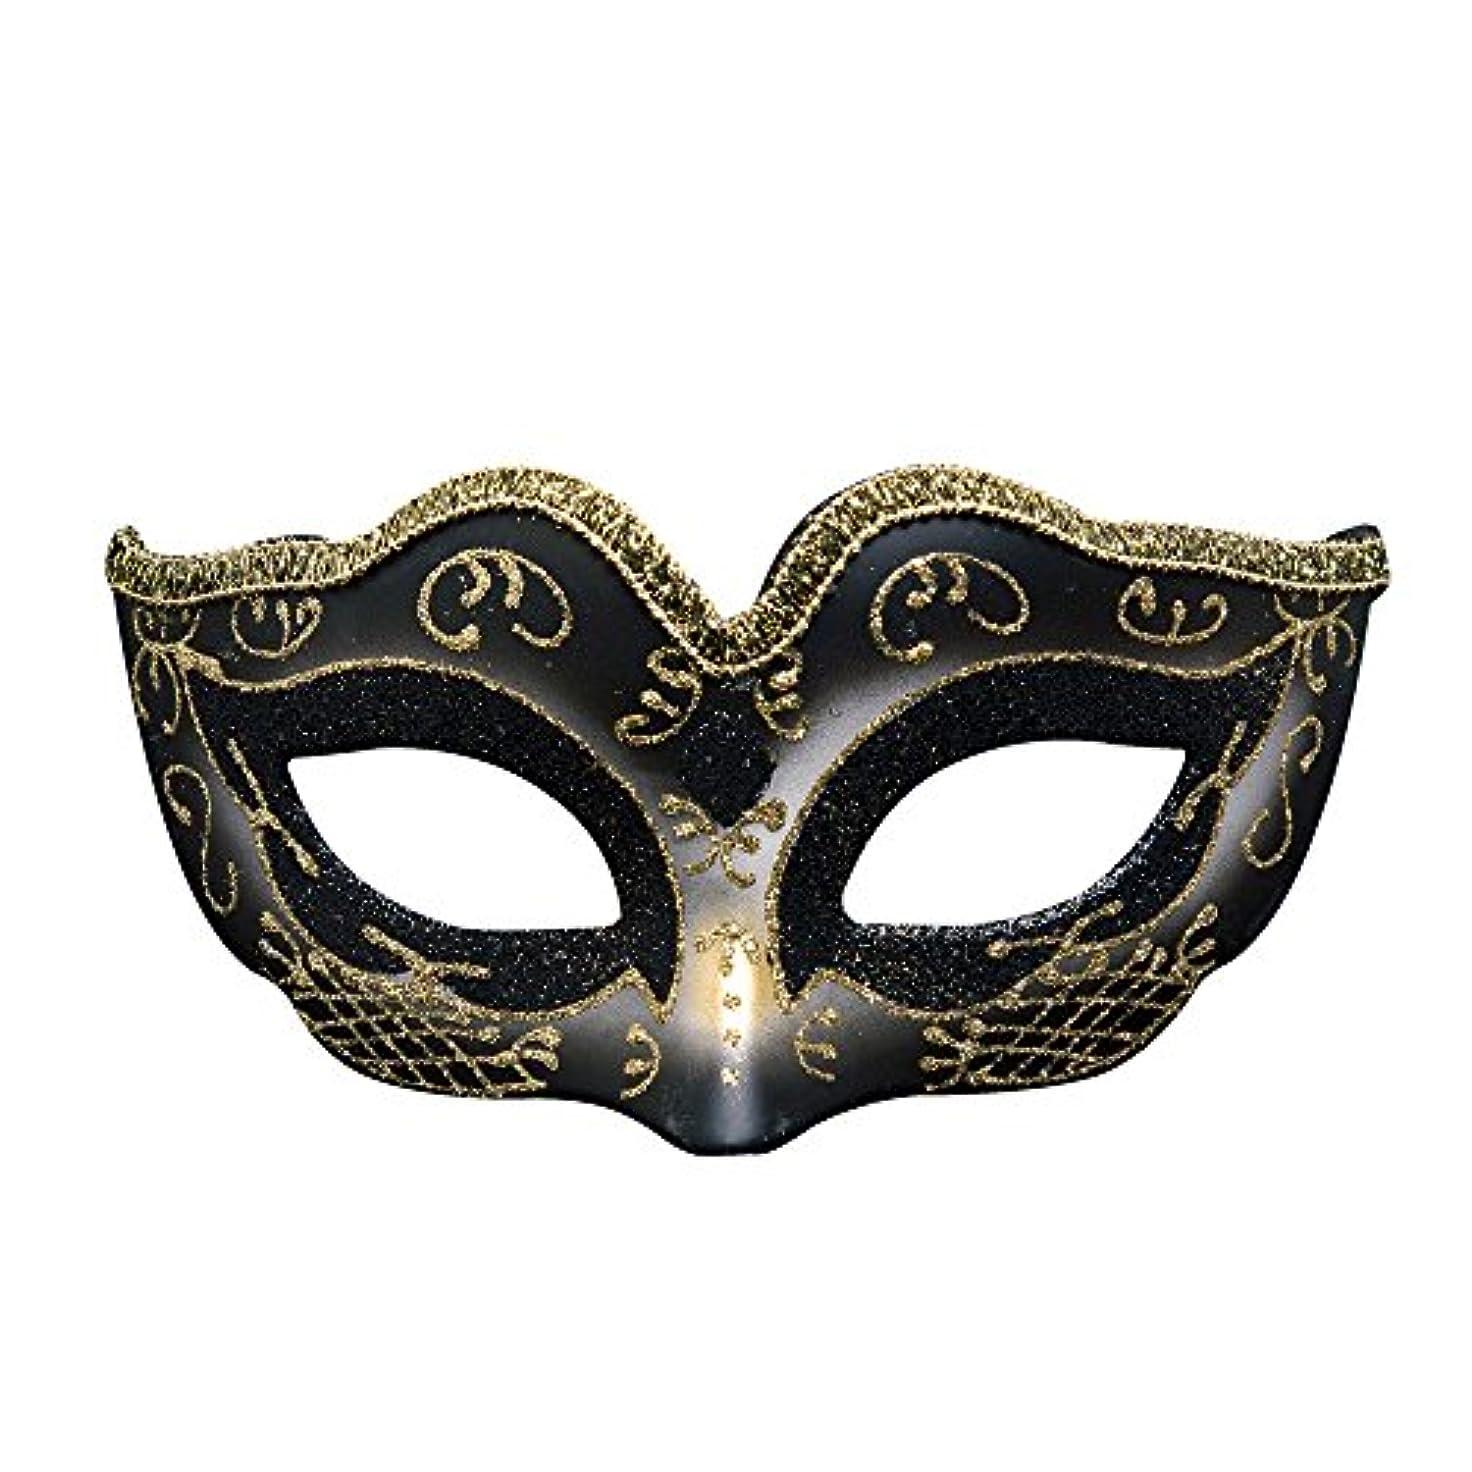 ハッピーつぶす野なクリエイティブカスタム子供のなりすましパーティーハロウィーンマスククリスマス雰囲気マスク (Color : G)